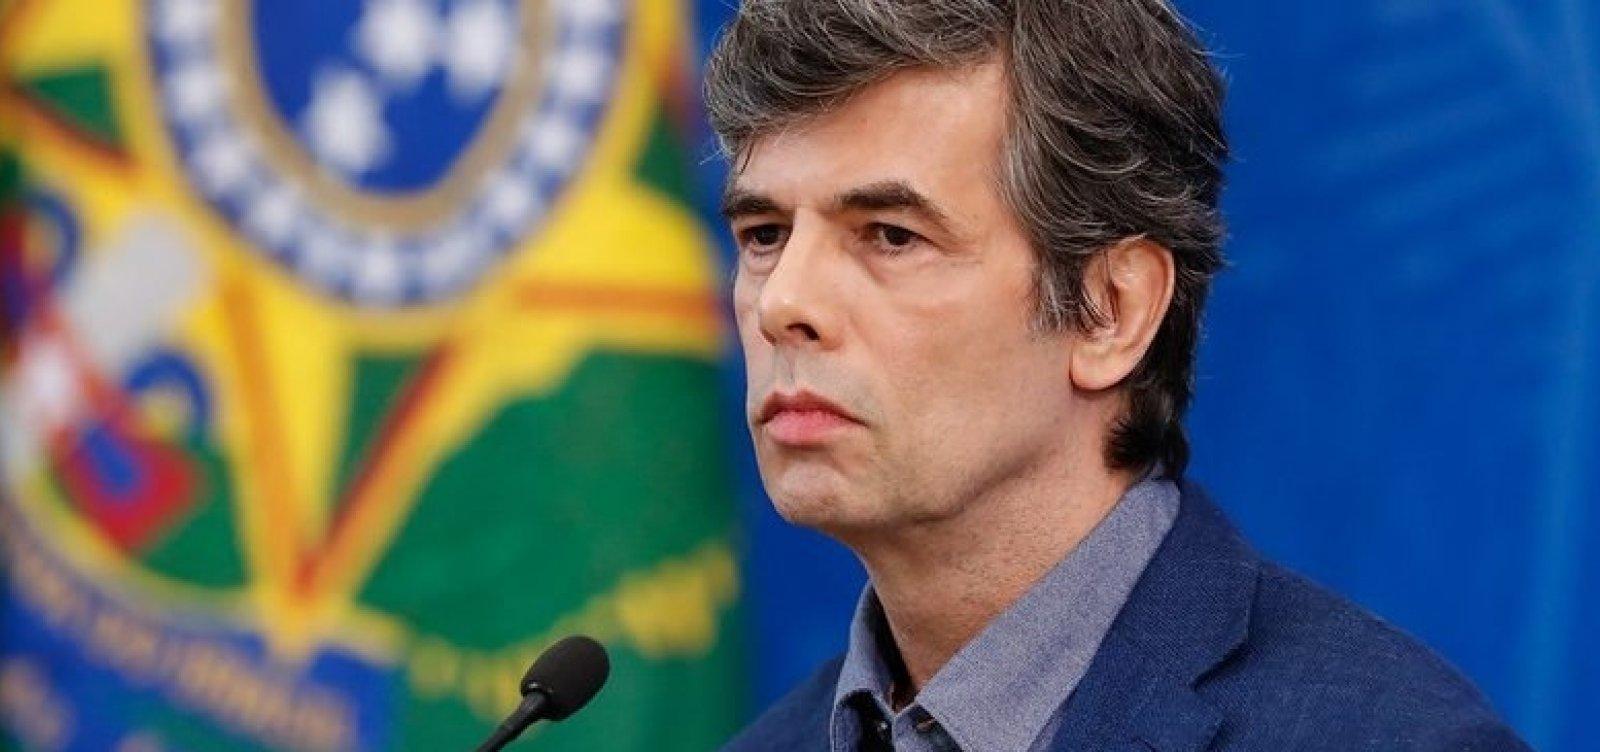 [Após recorde diário de mortes por Covid-19 no Brasil, Teich reconhece 'agravamento da situação']